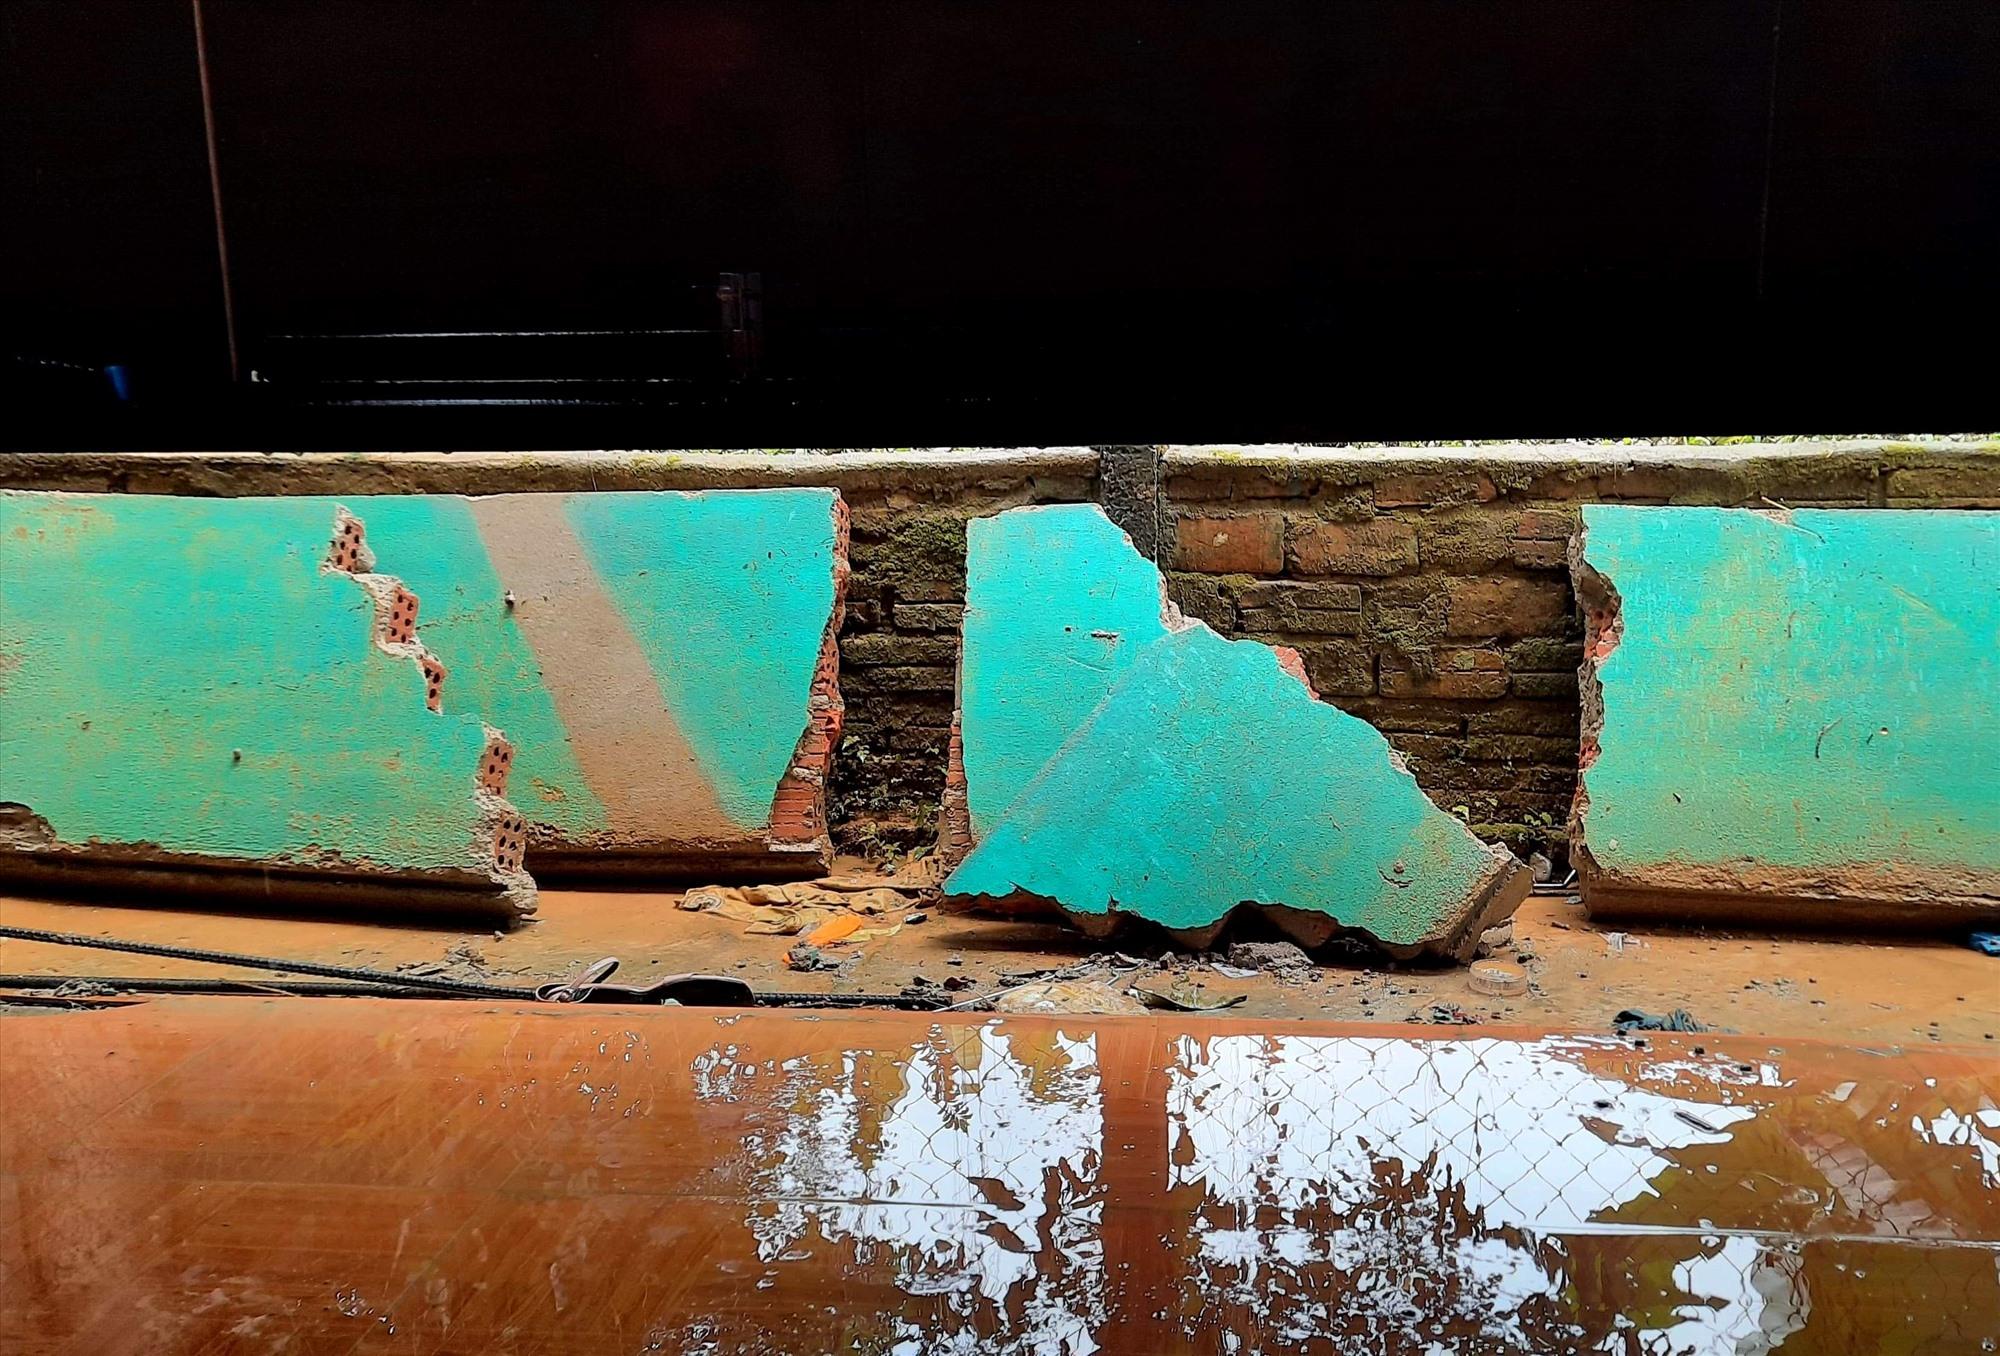 Từng mảng tường bị nước lũ đánh sập. Ảnh: N.D